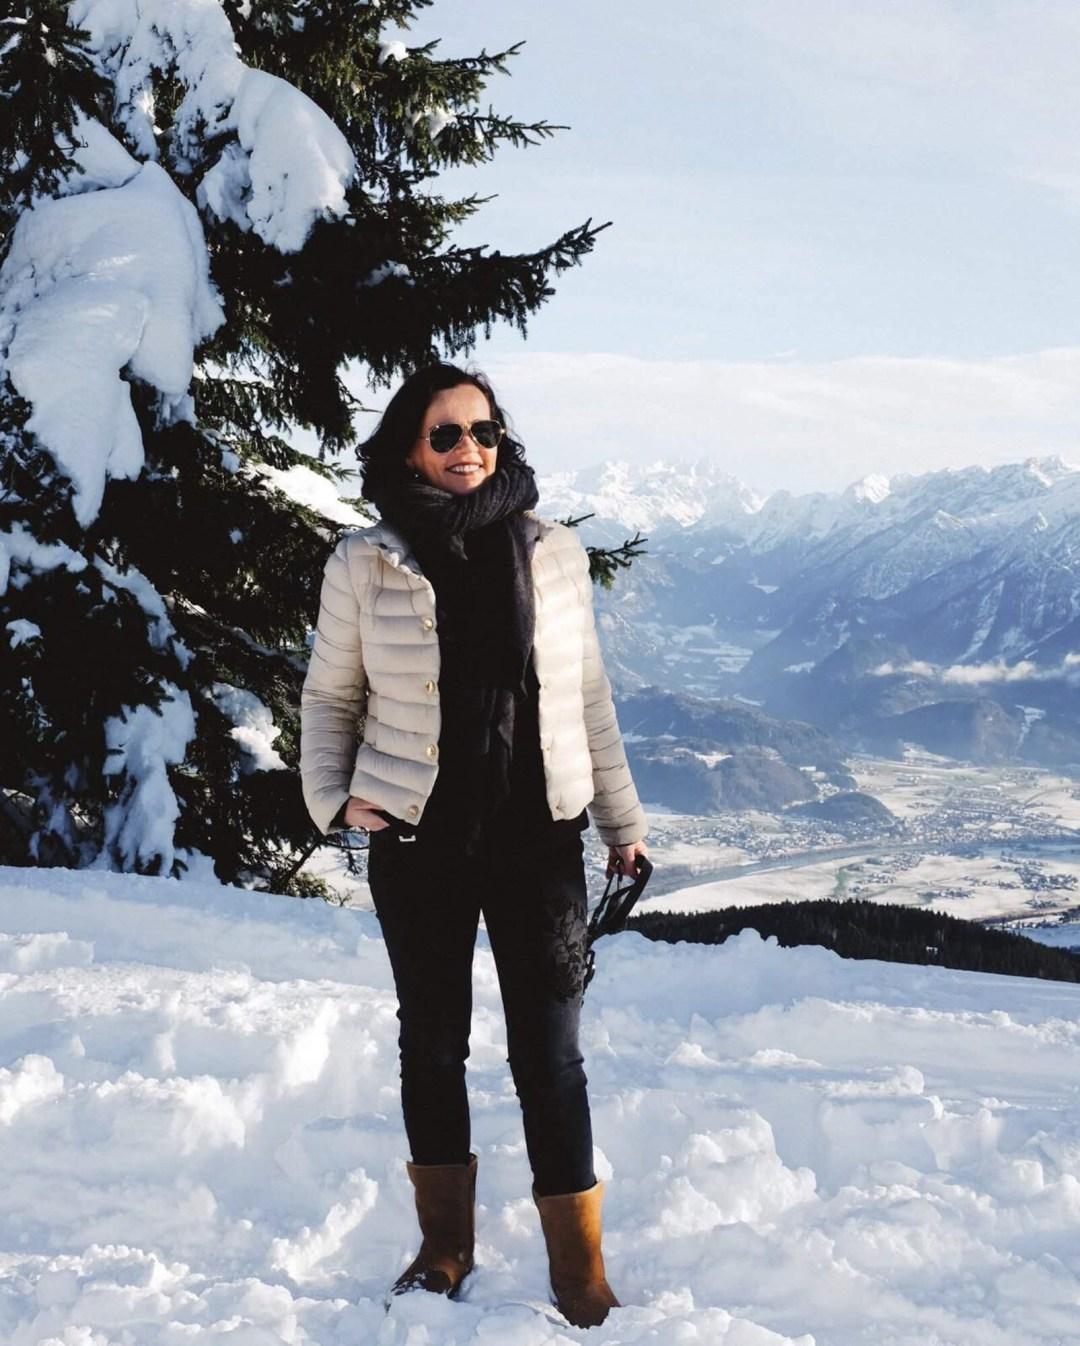 Winter Winterlandschaft Alpen Ausblick Ü50Mode fashionover50 inastil christmastime WeihnachtszeitIMG_7342